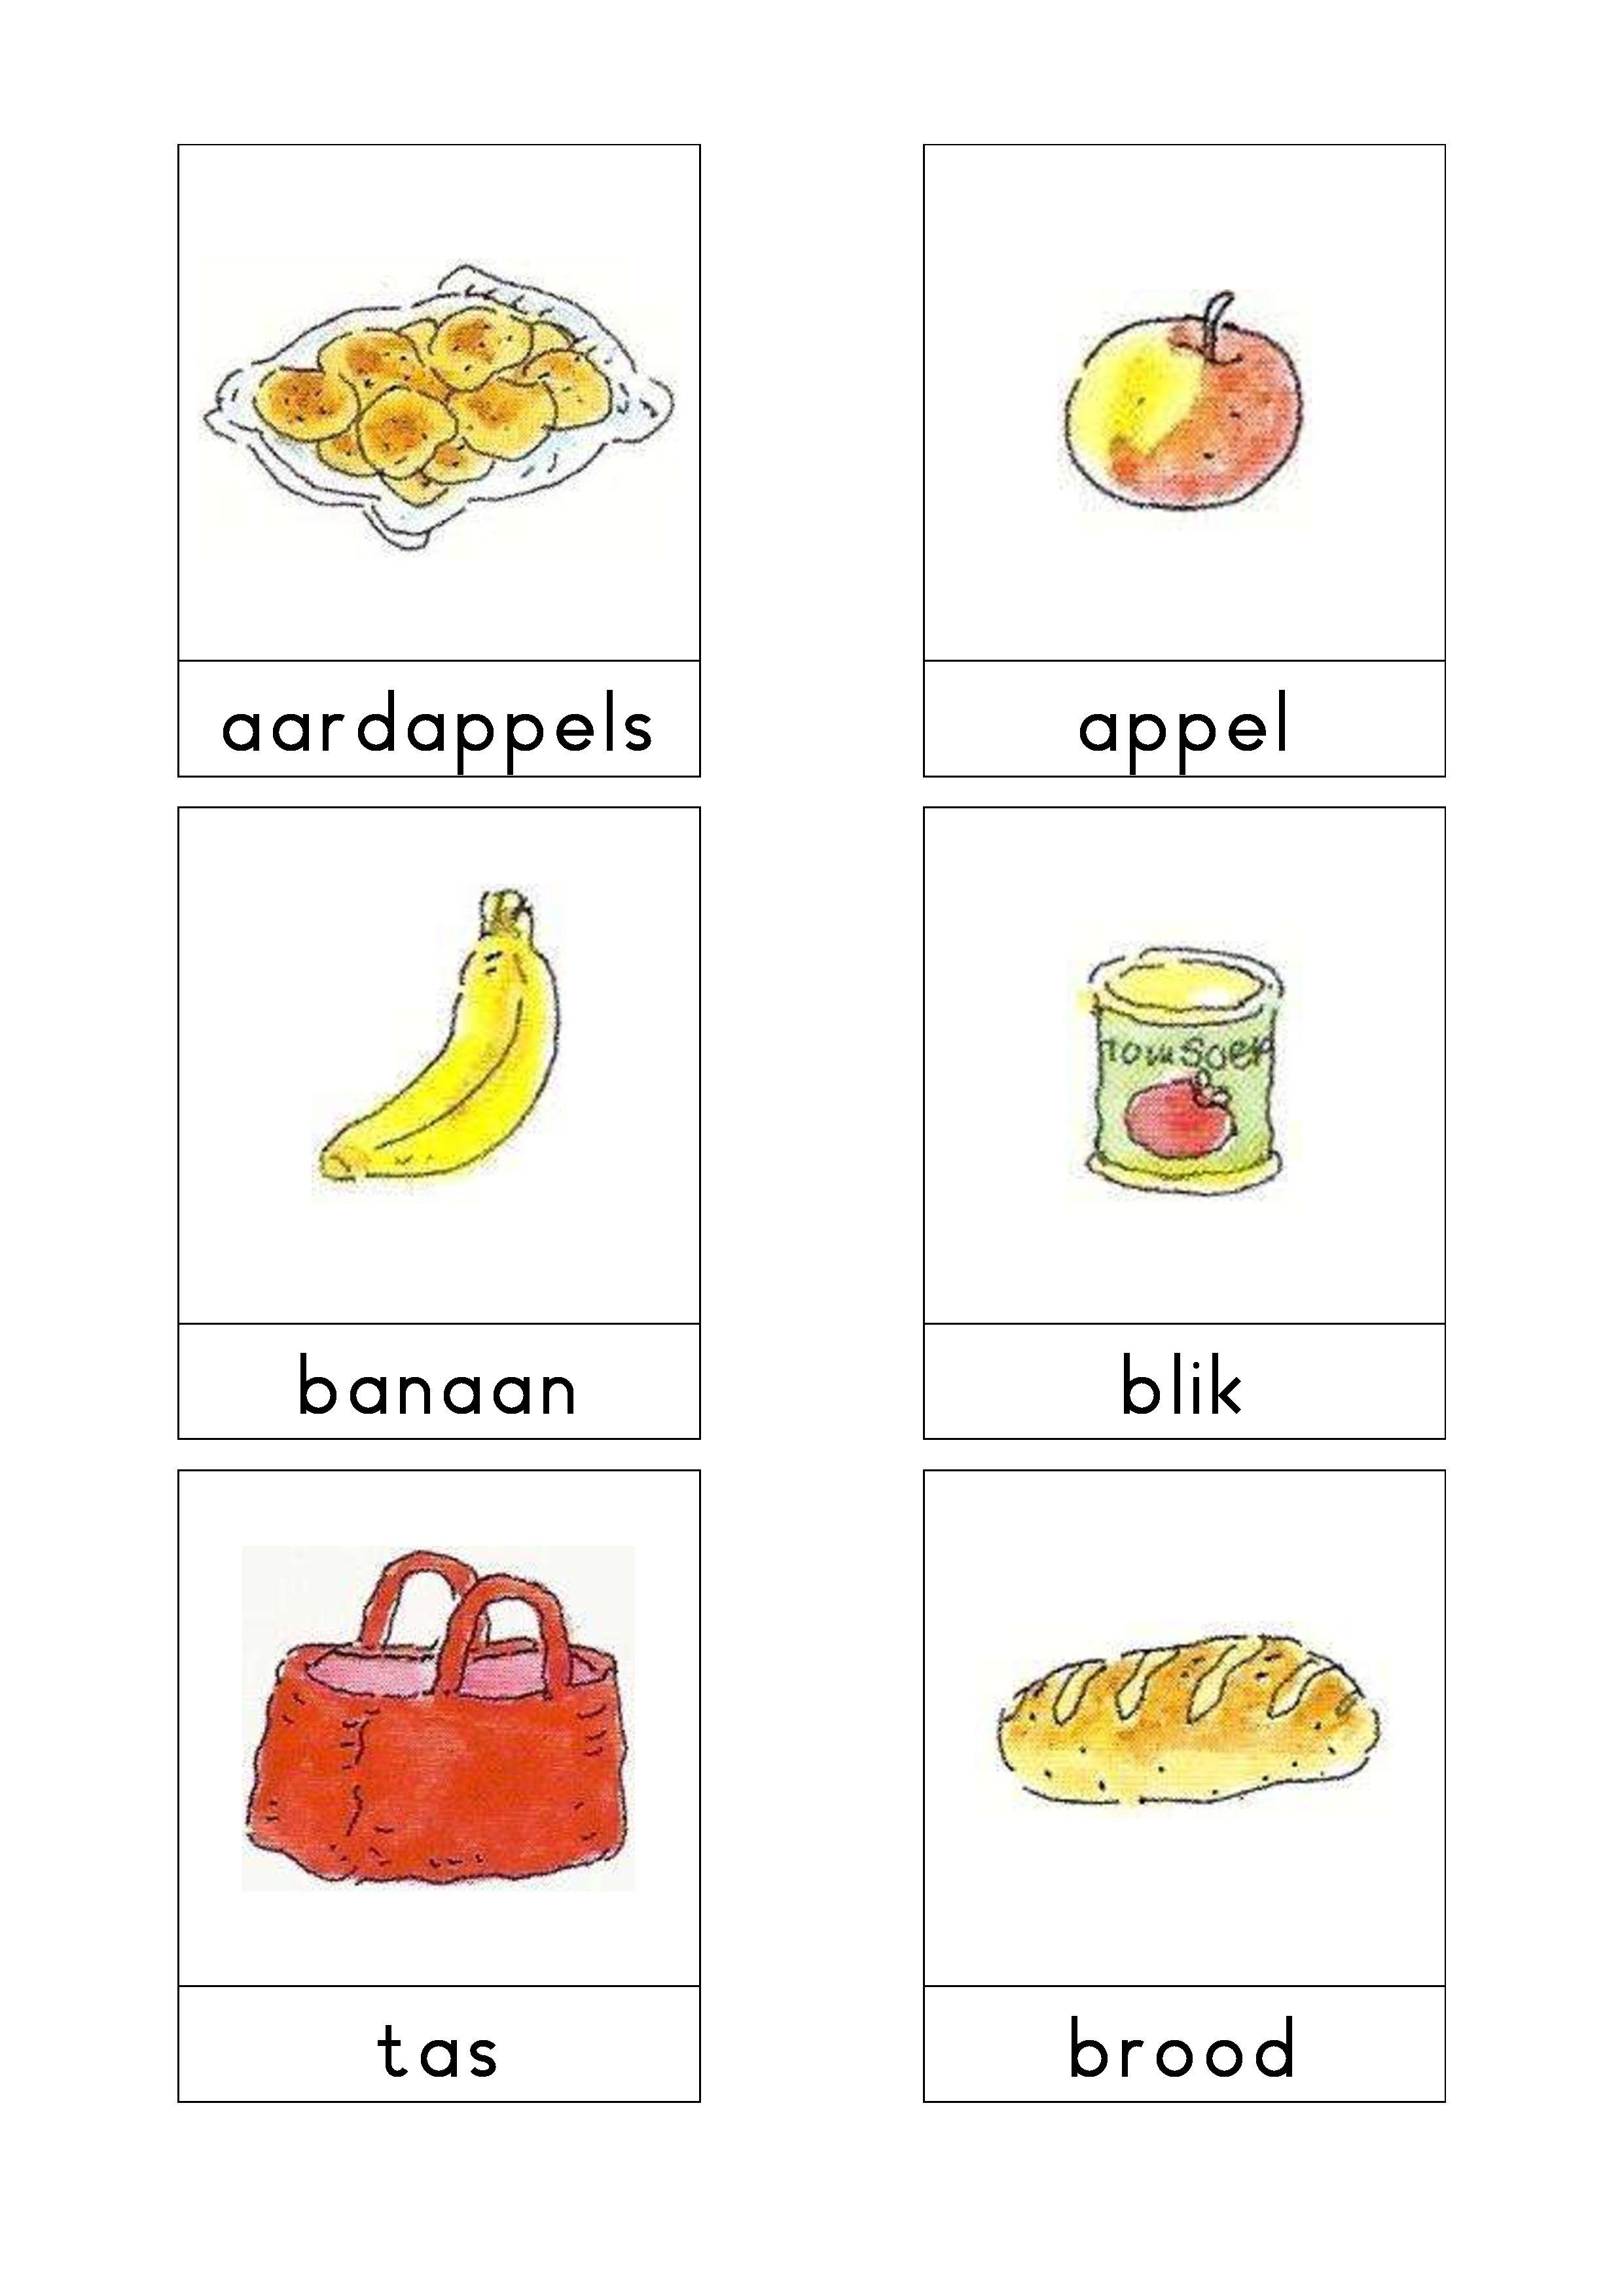 woordkaarten bas de supermarkt 1 thema eten en